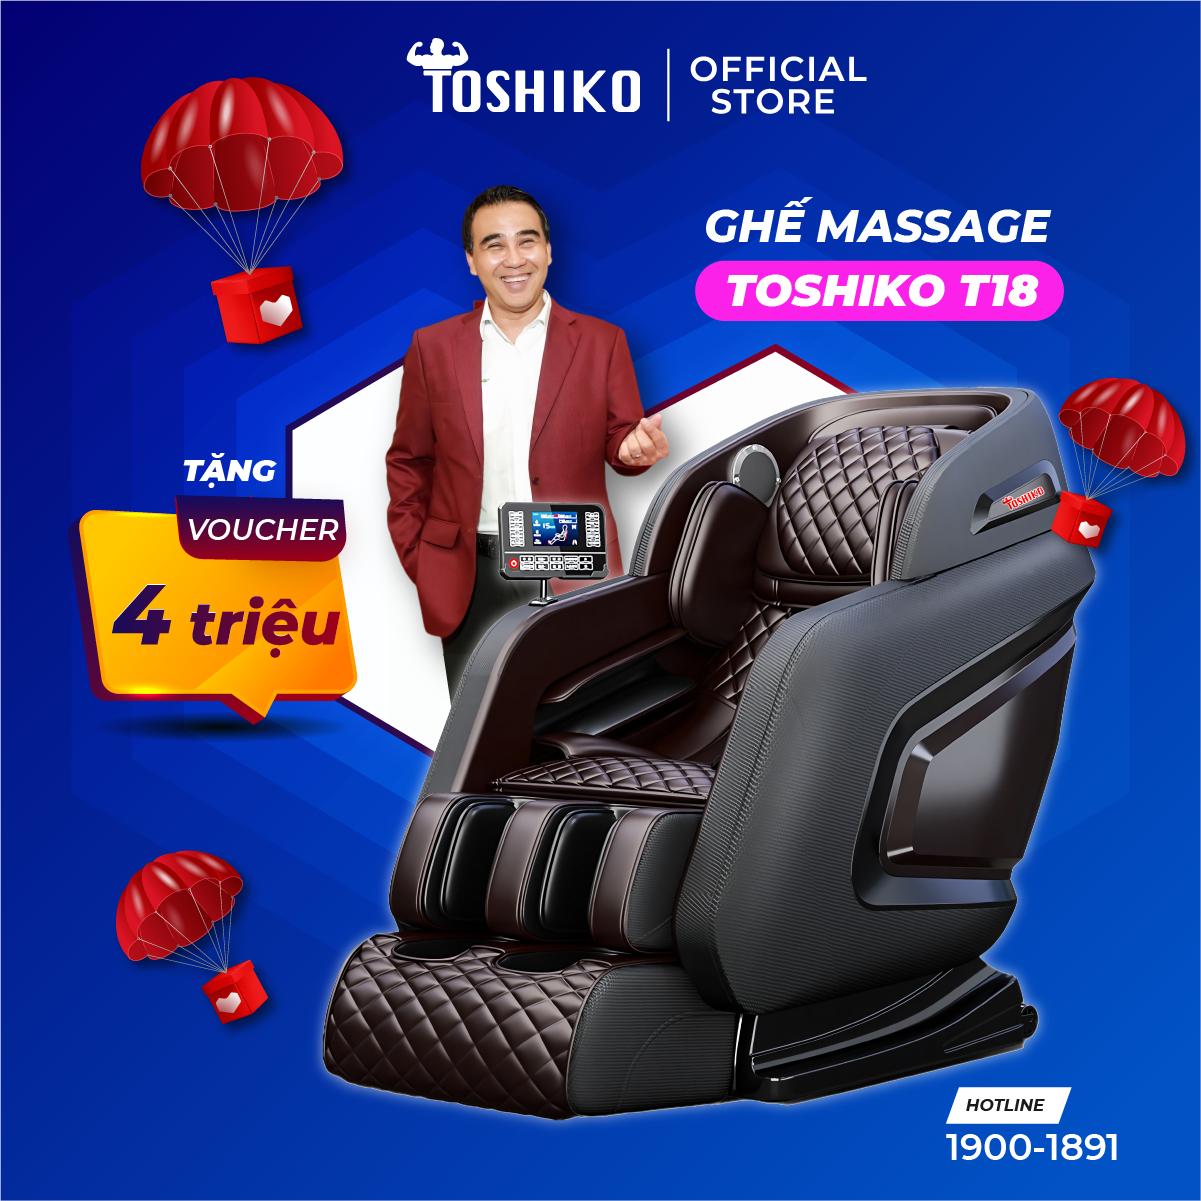 Ghế massage trị liệu toàn thân Toshiko T18 hàng chính hãng, bảo hàng 6 năm